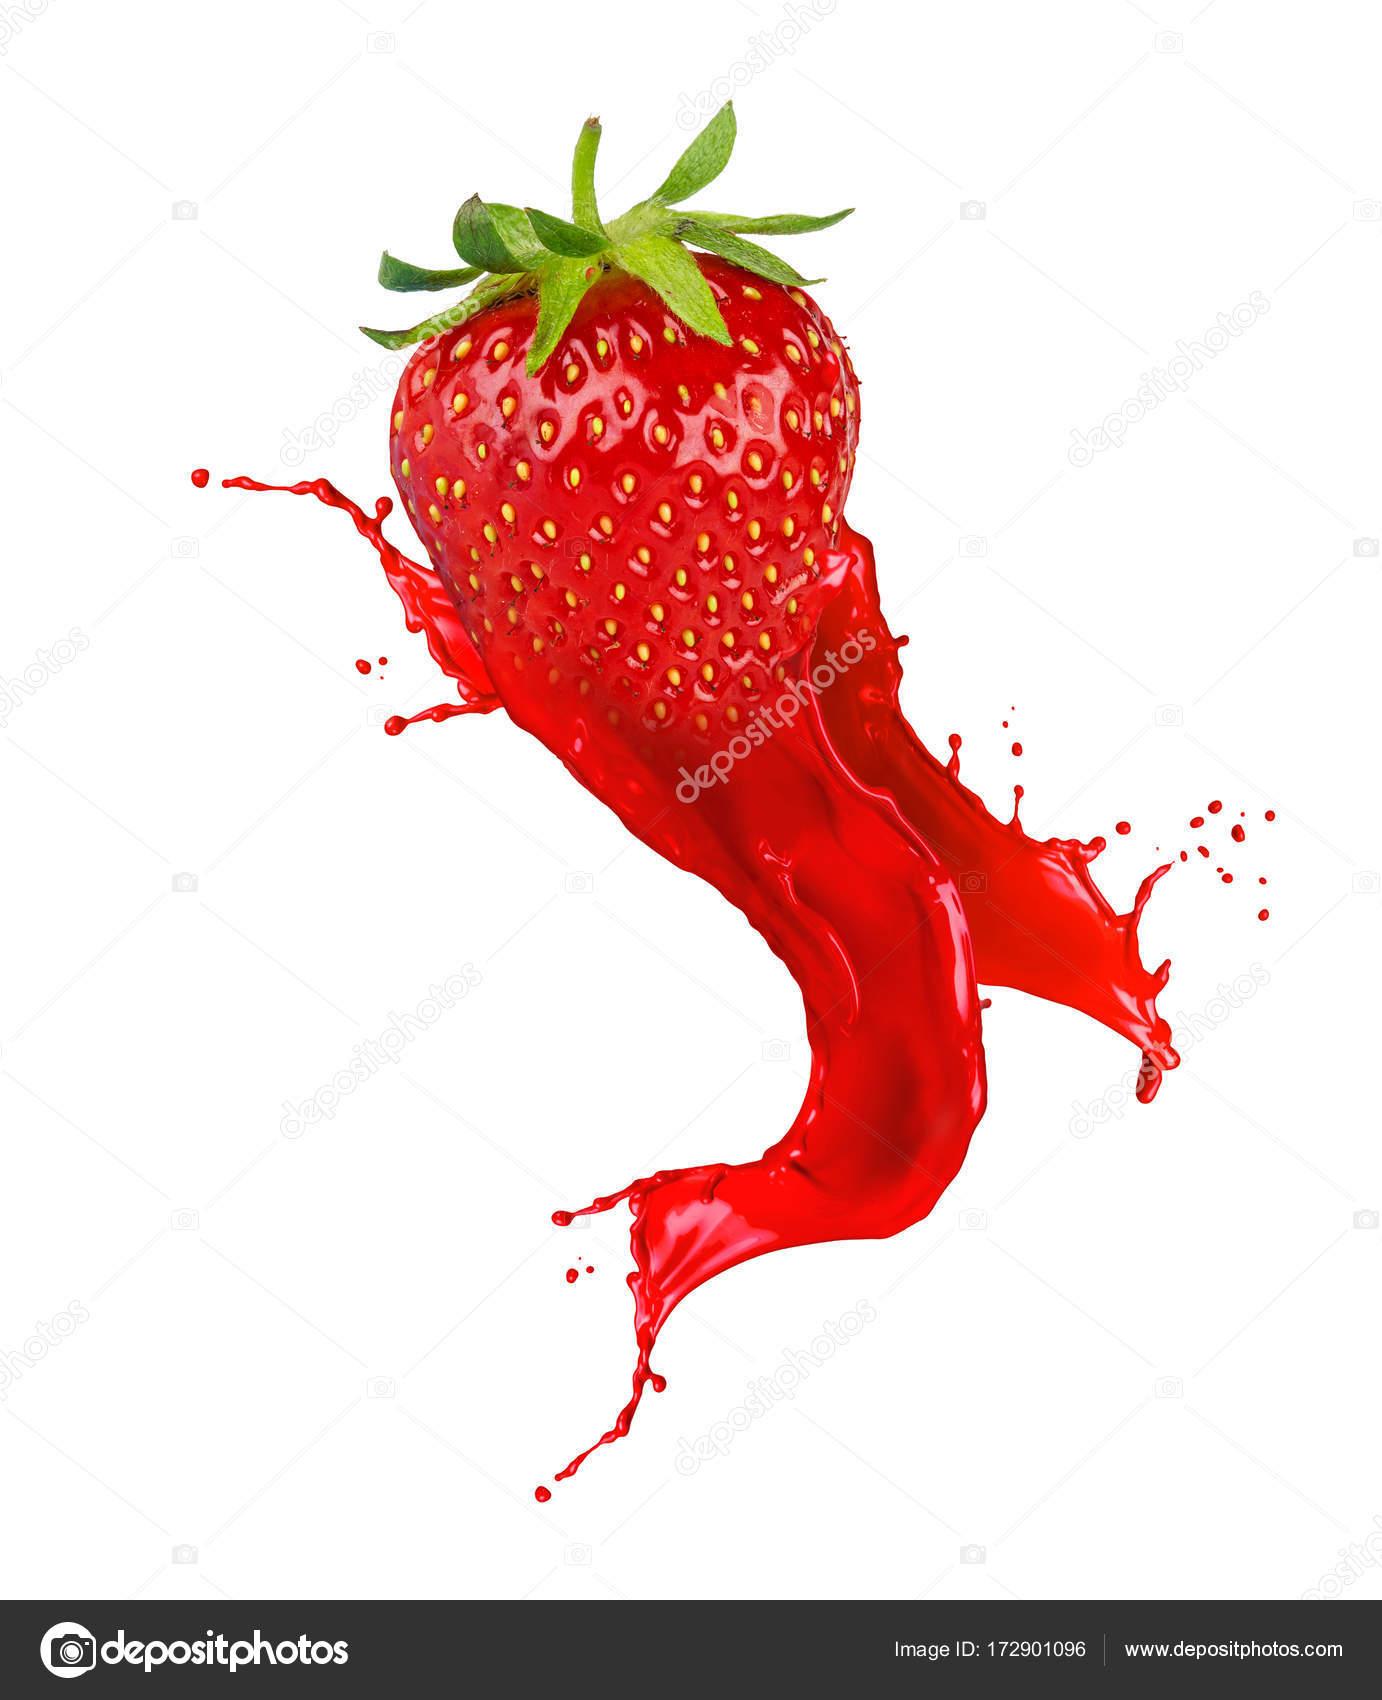 Abstrakte Rote Erdbeere Frucht Farbe Farbwunder Isoliert Auf Weißem ...